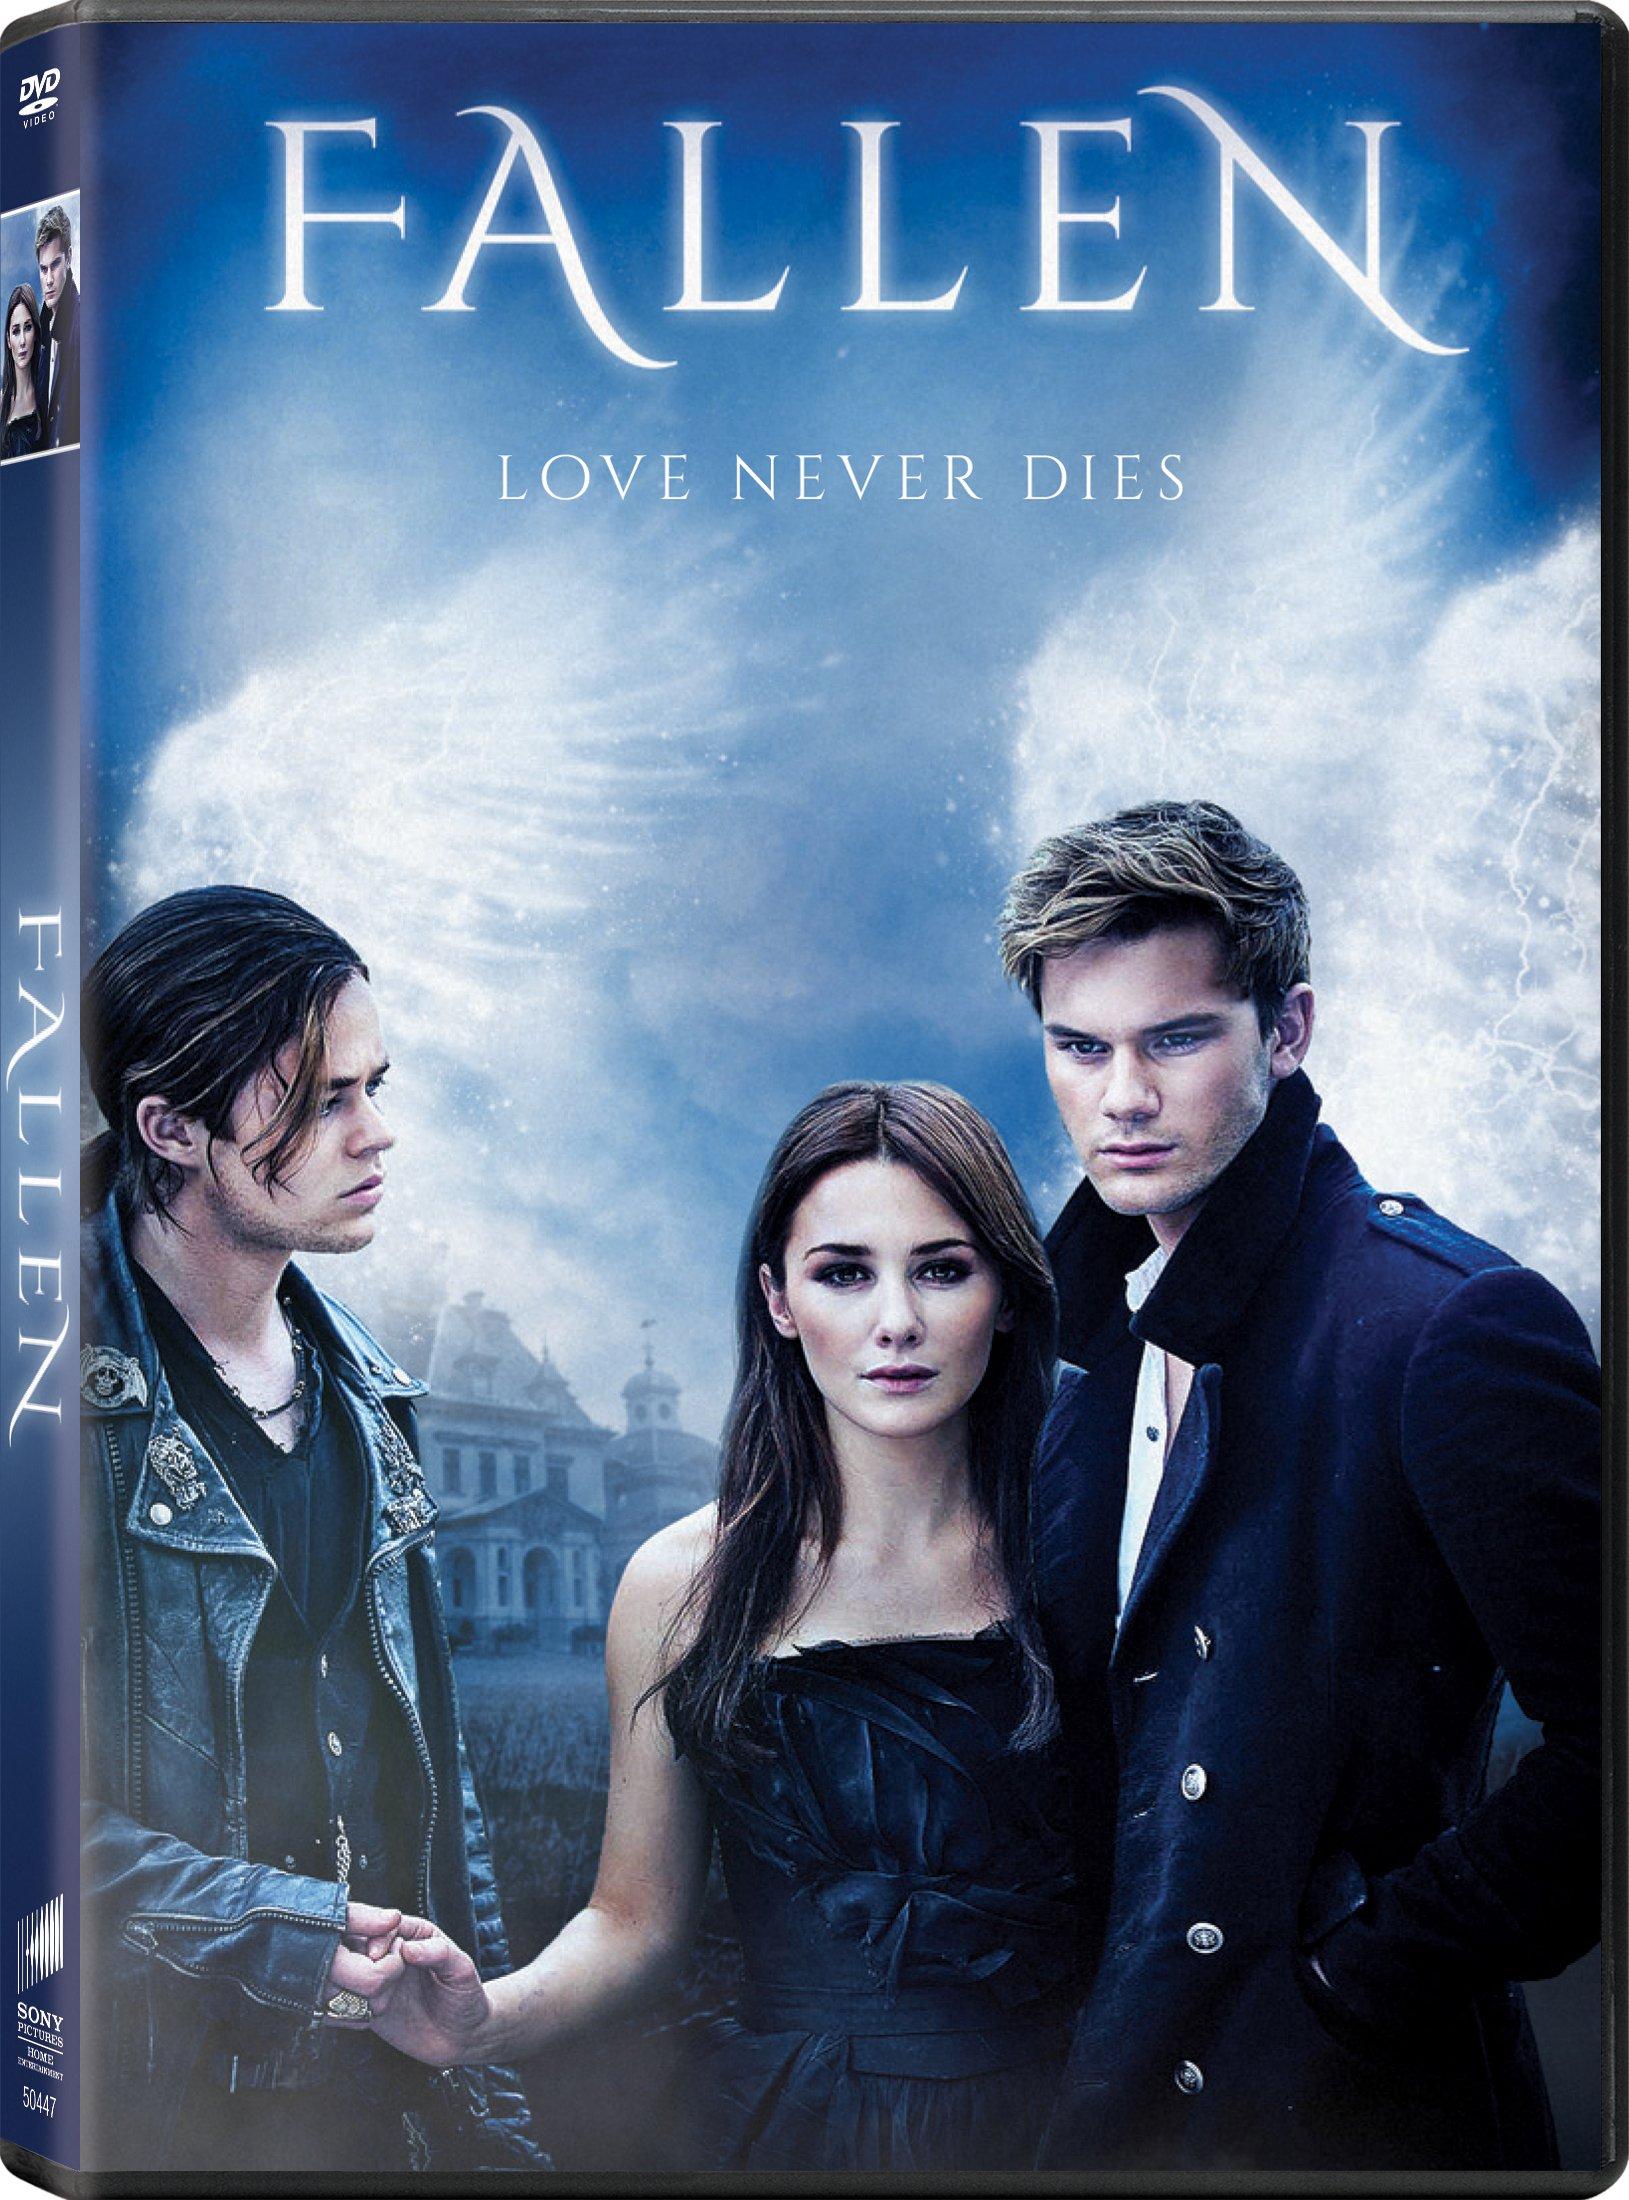 Fallen DVD Release Date October 10, 2017